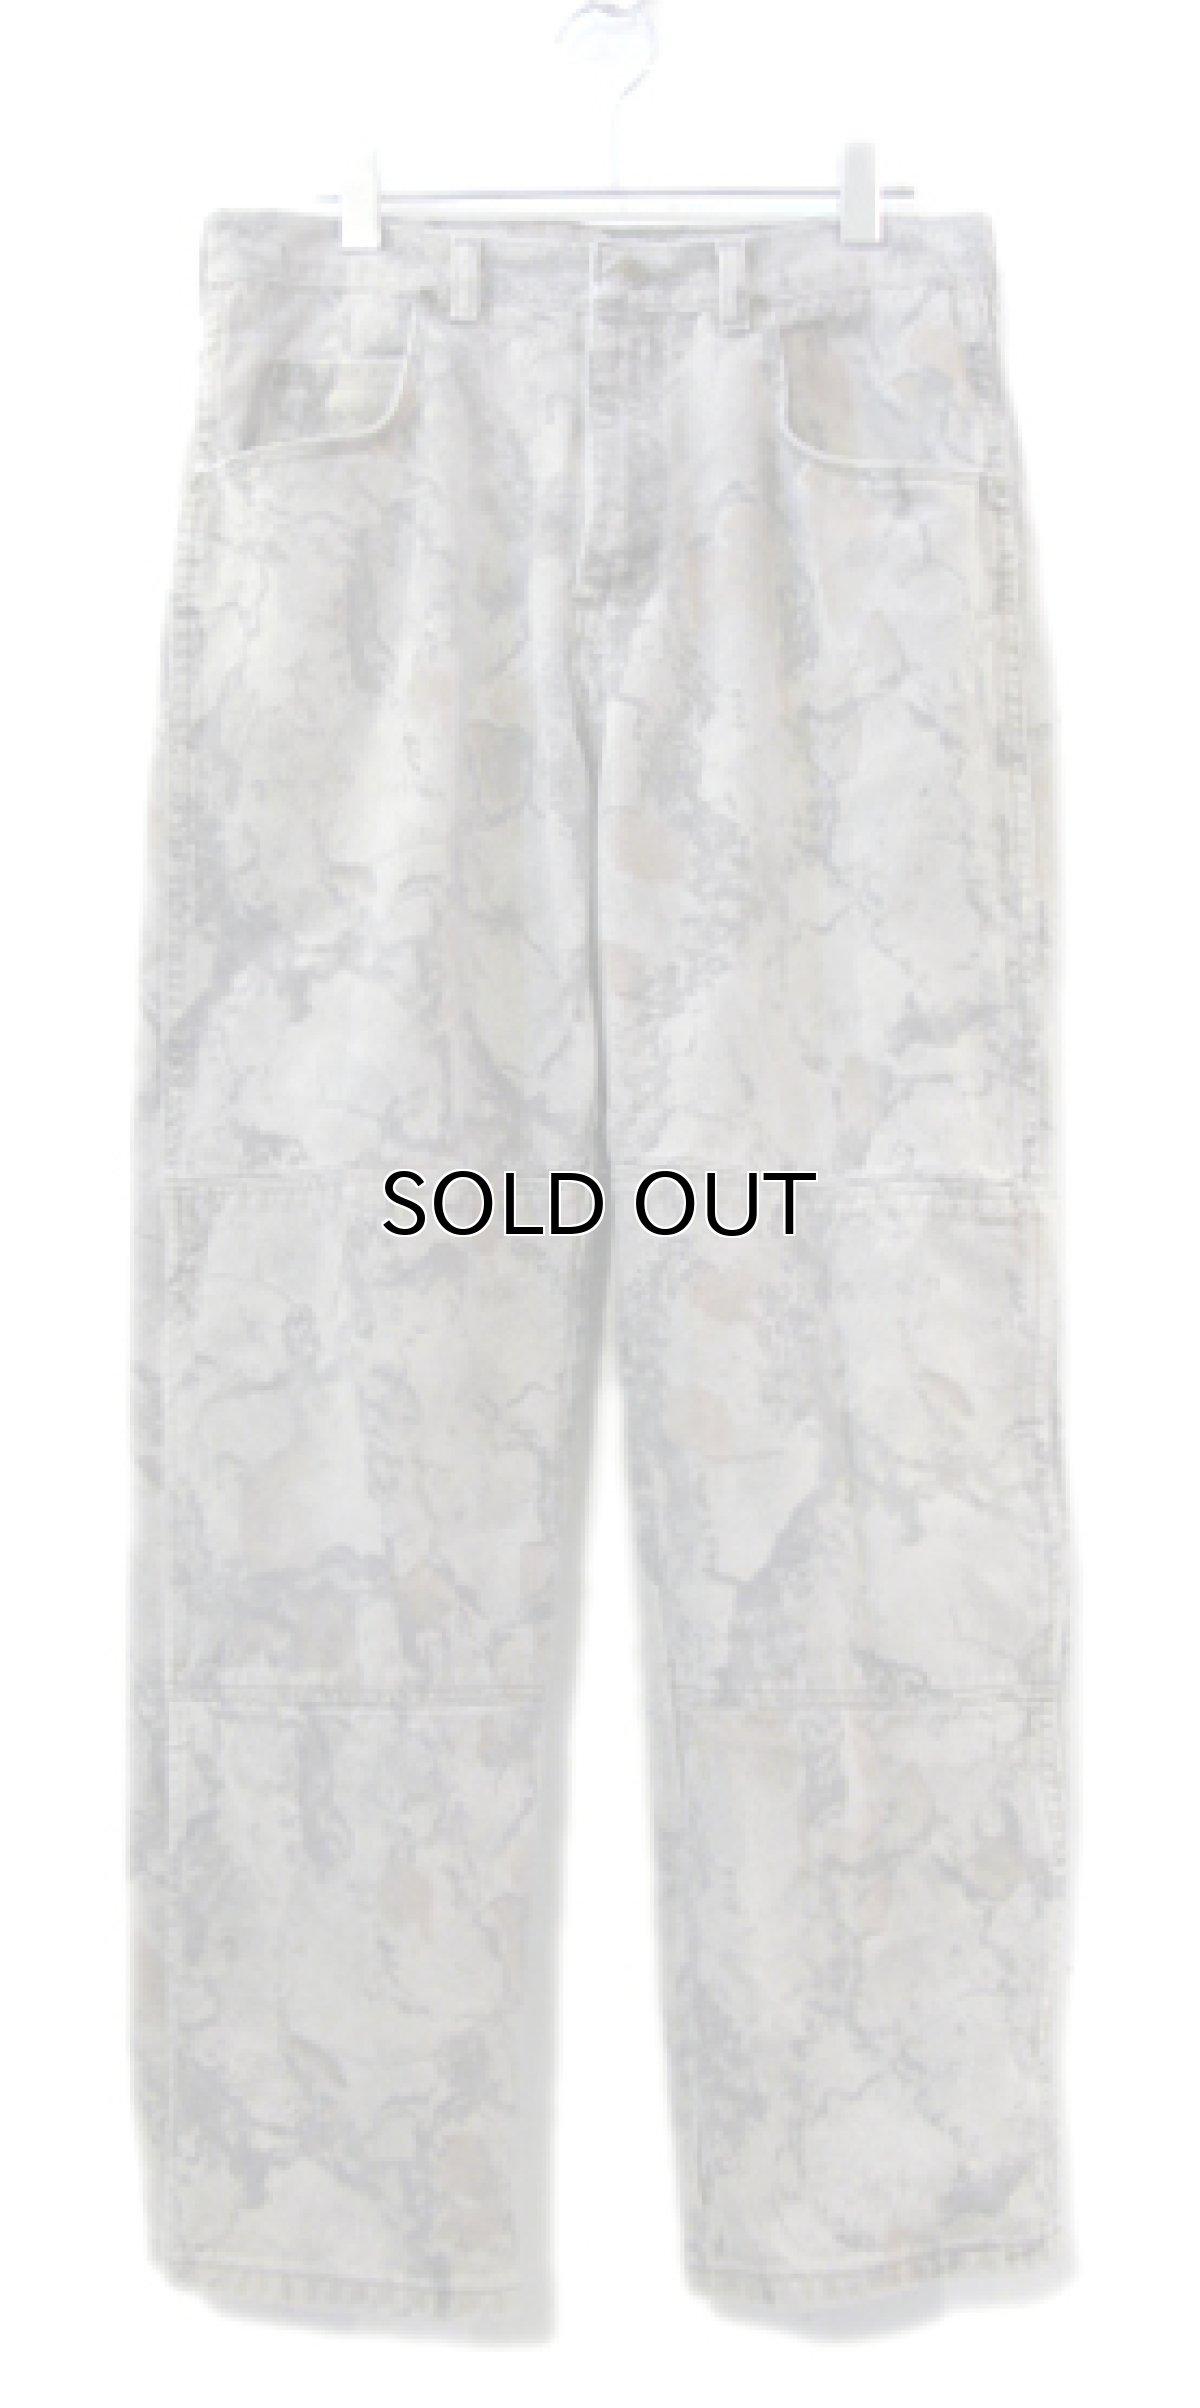 画像1: 1990's Wrangler Tree Camouflage Denim Pants Grey Beige size w 32 inch (表記 32 x 32) (1)